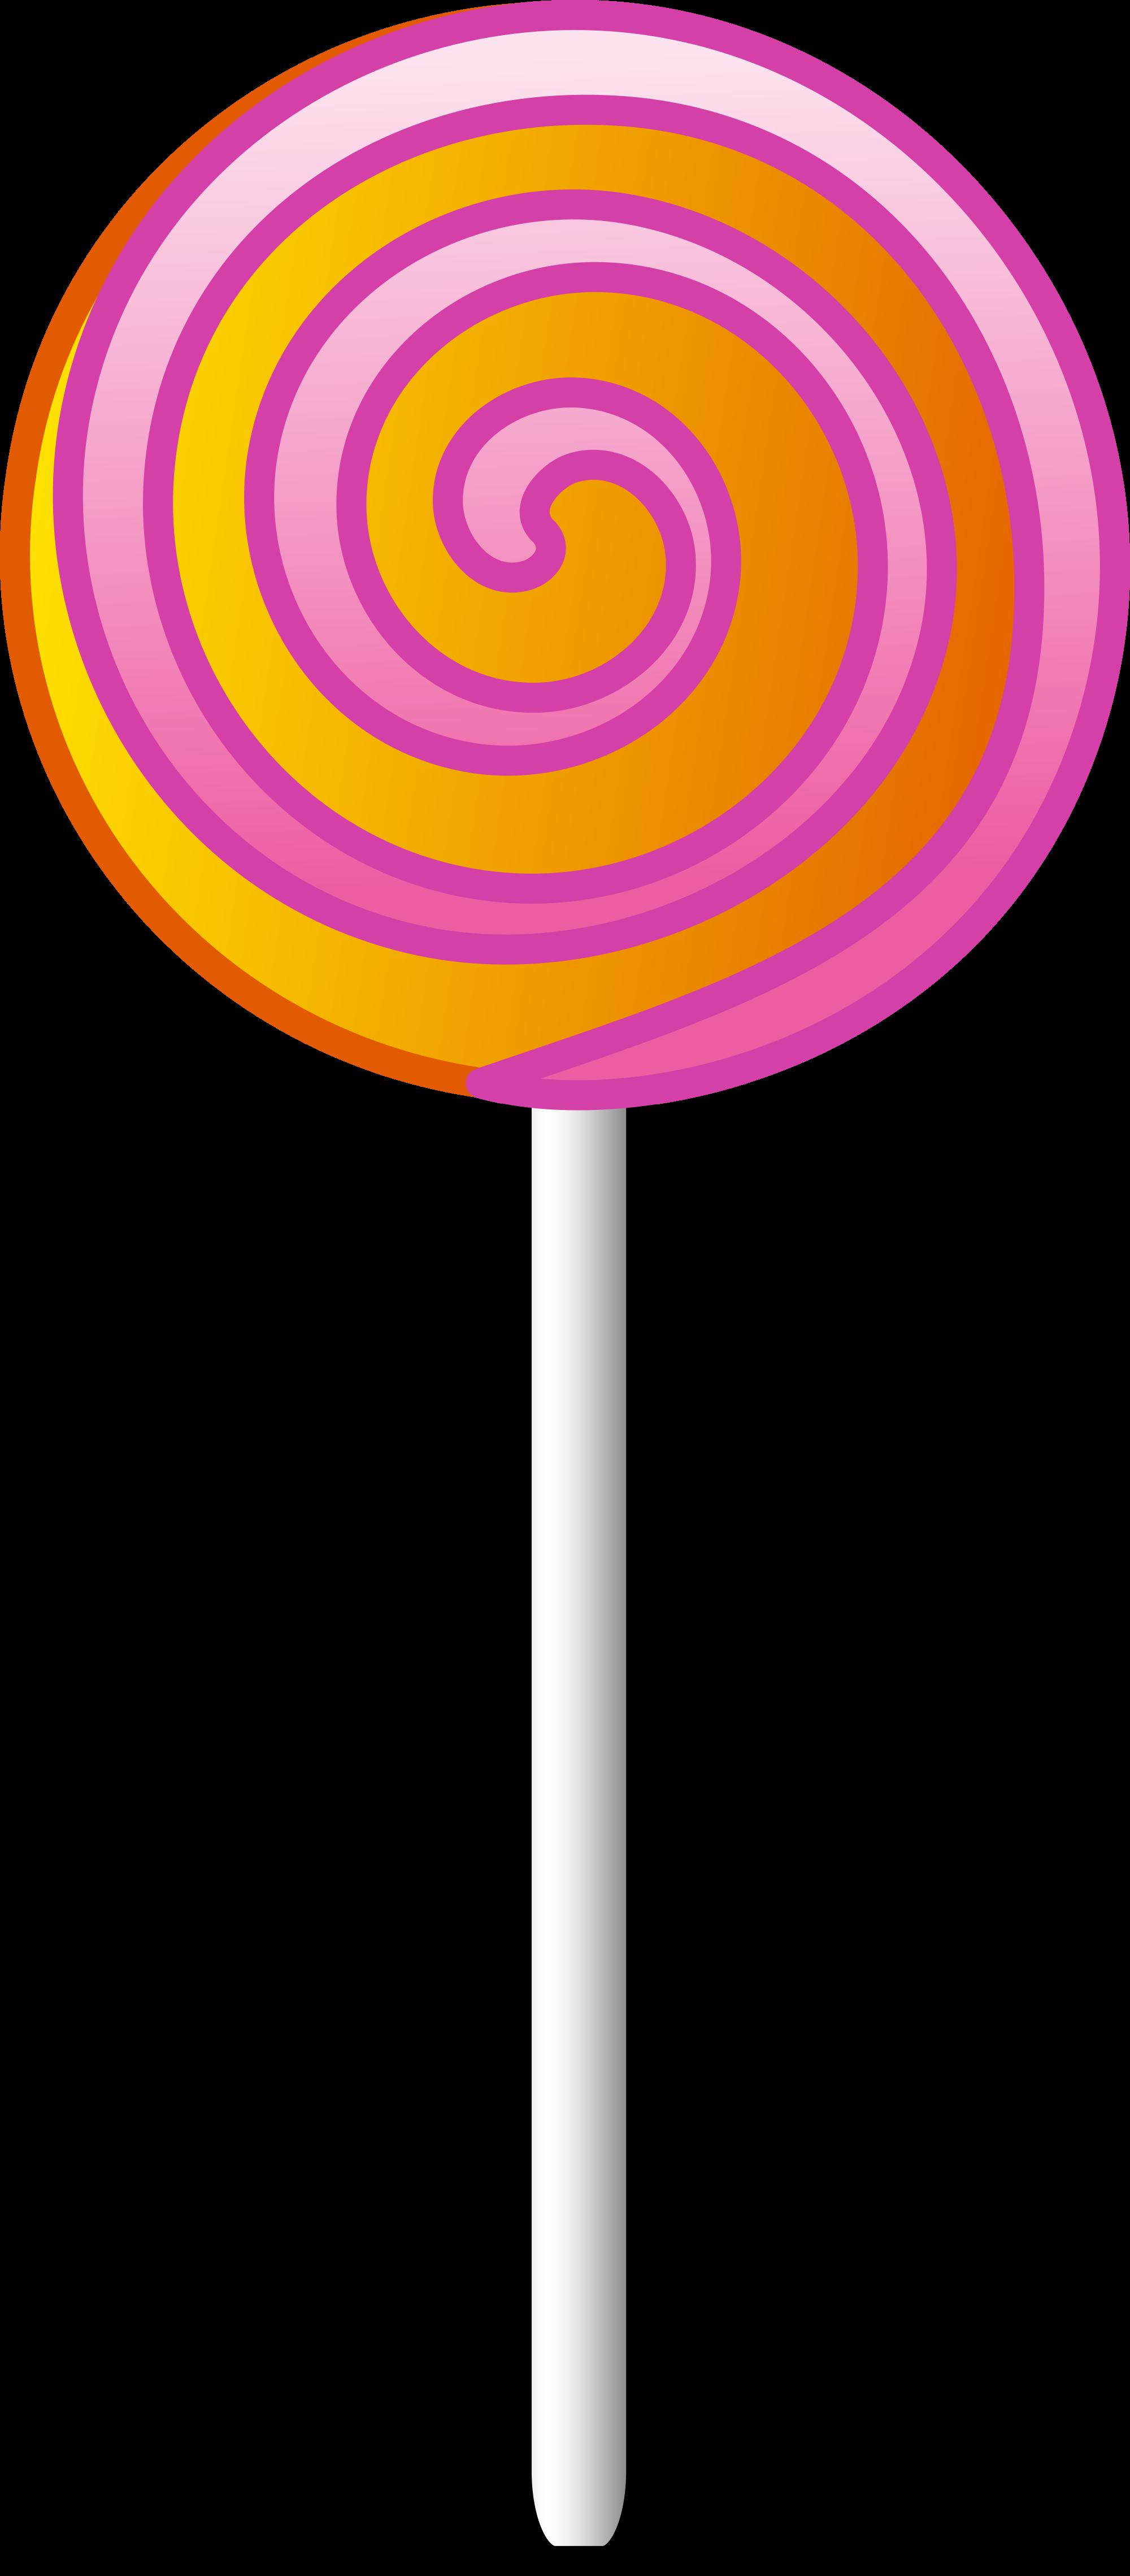 ... Lollipop Clip Art - Clipartall ...-... Lollipop Clip Art - clipartall ...-5